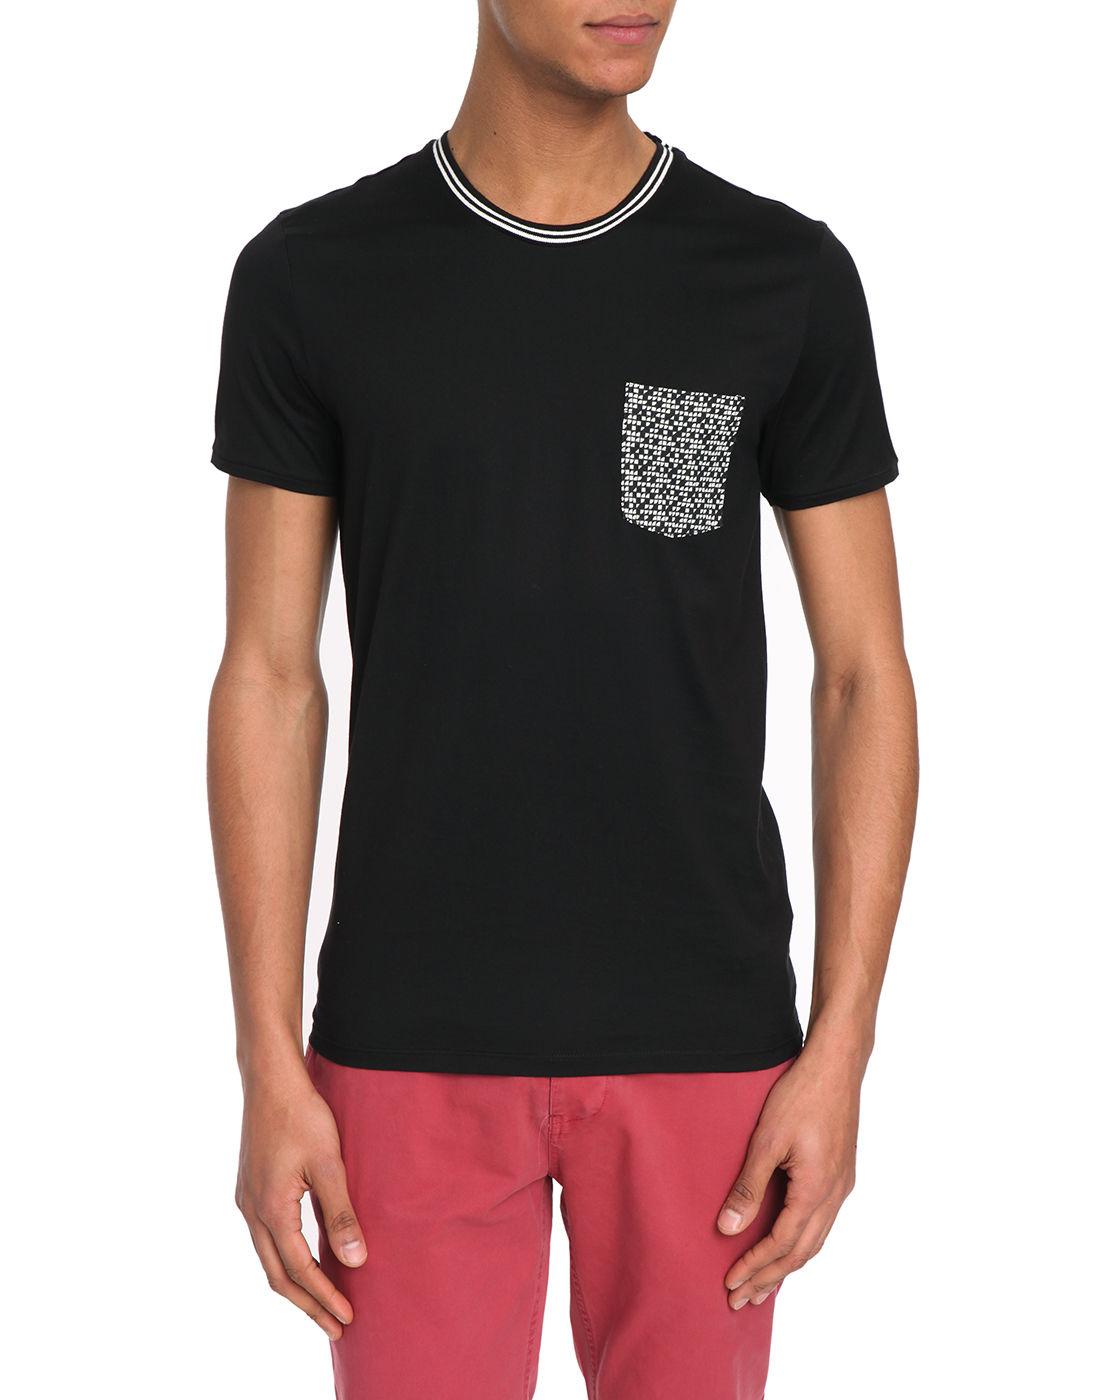 ikks contrast pocket black t shirt in black for men lyst. Black Bedroom Furniture Sets. Home Design Ideas